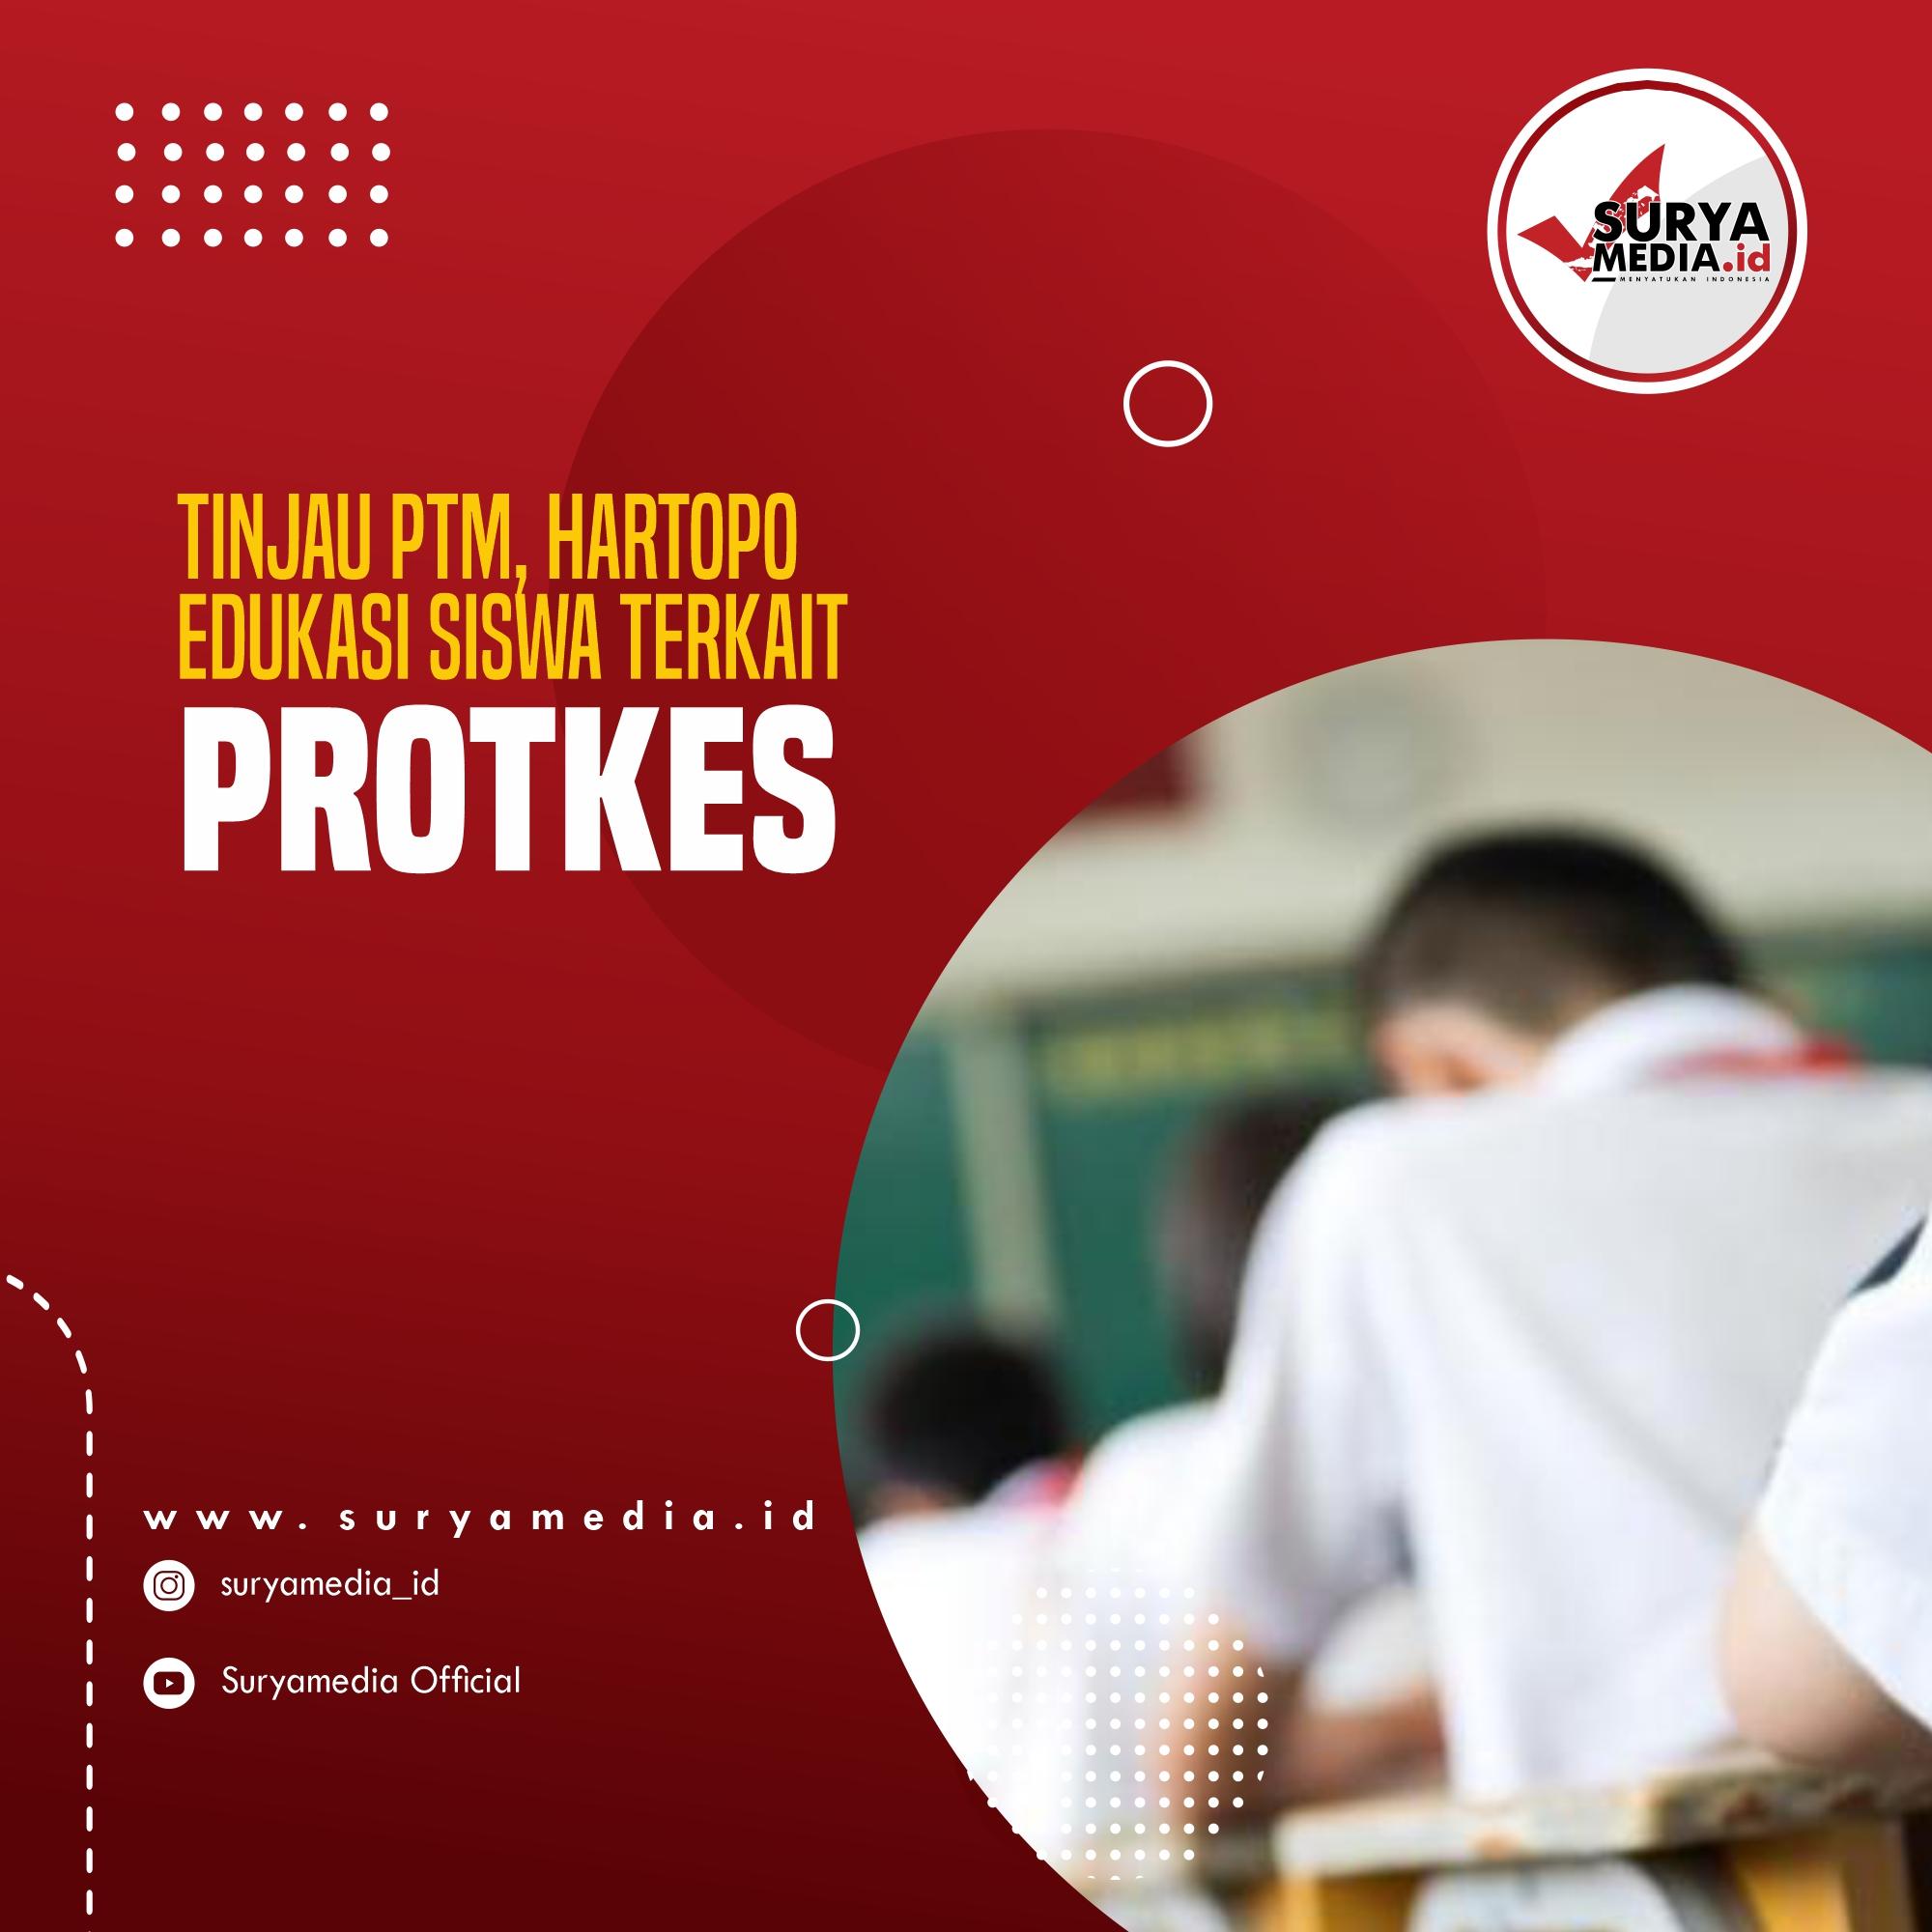 Tinjau PTM, Hartopo Edukasi Siswa Terkait Prokes